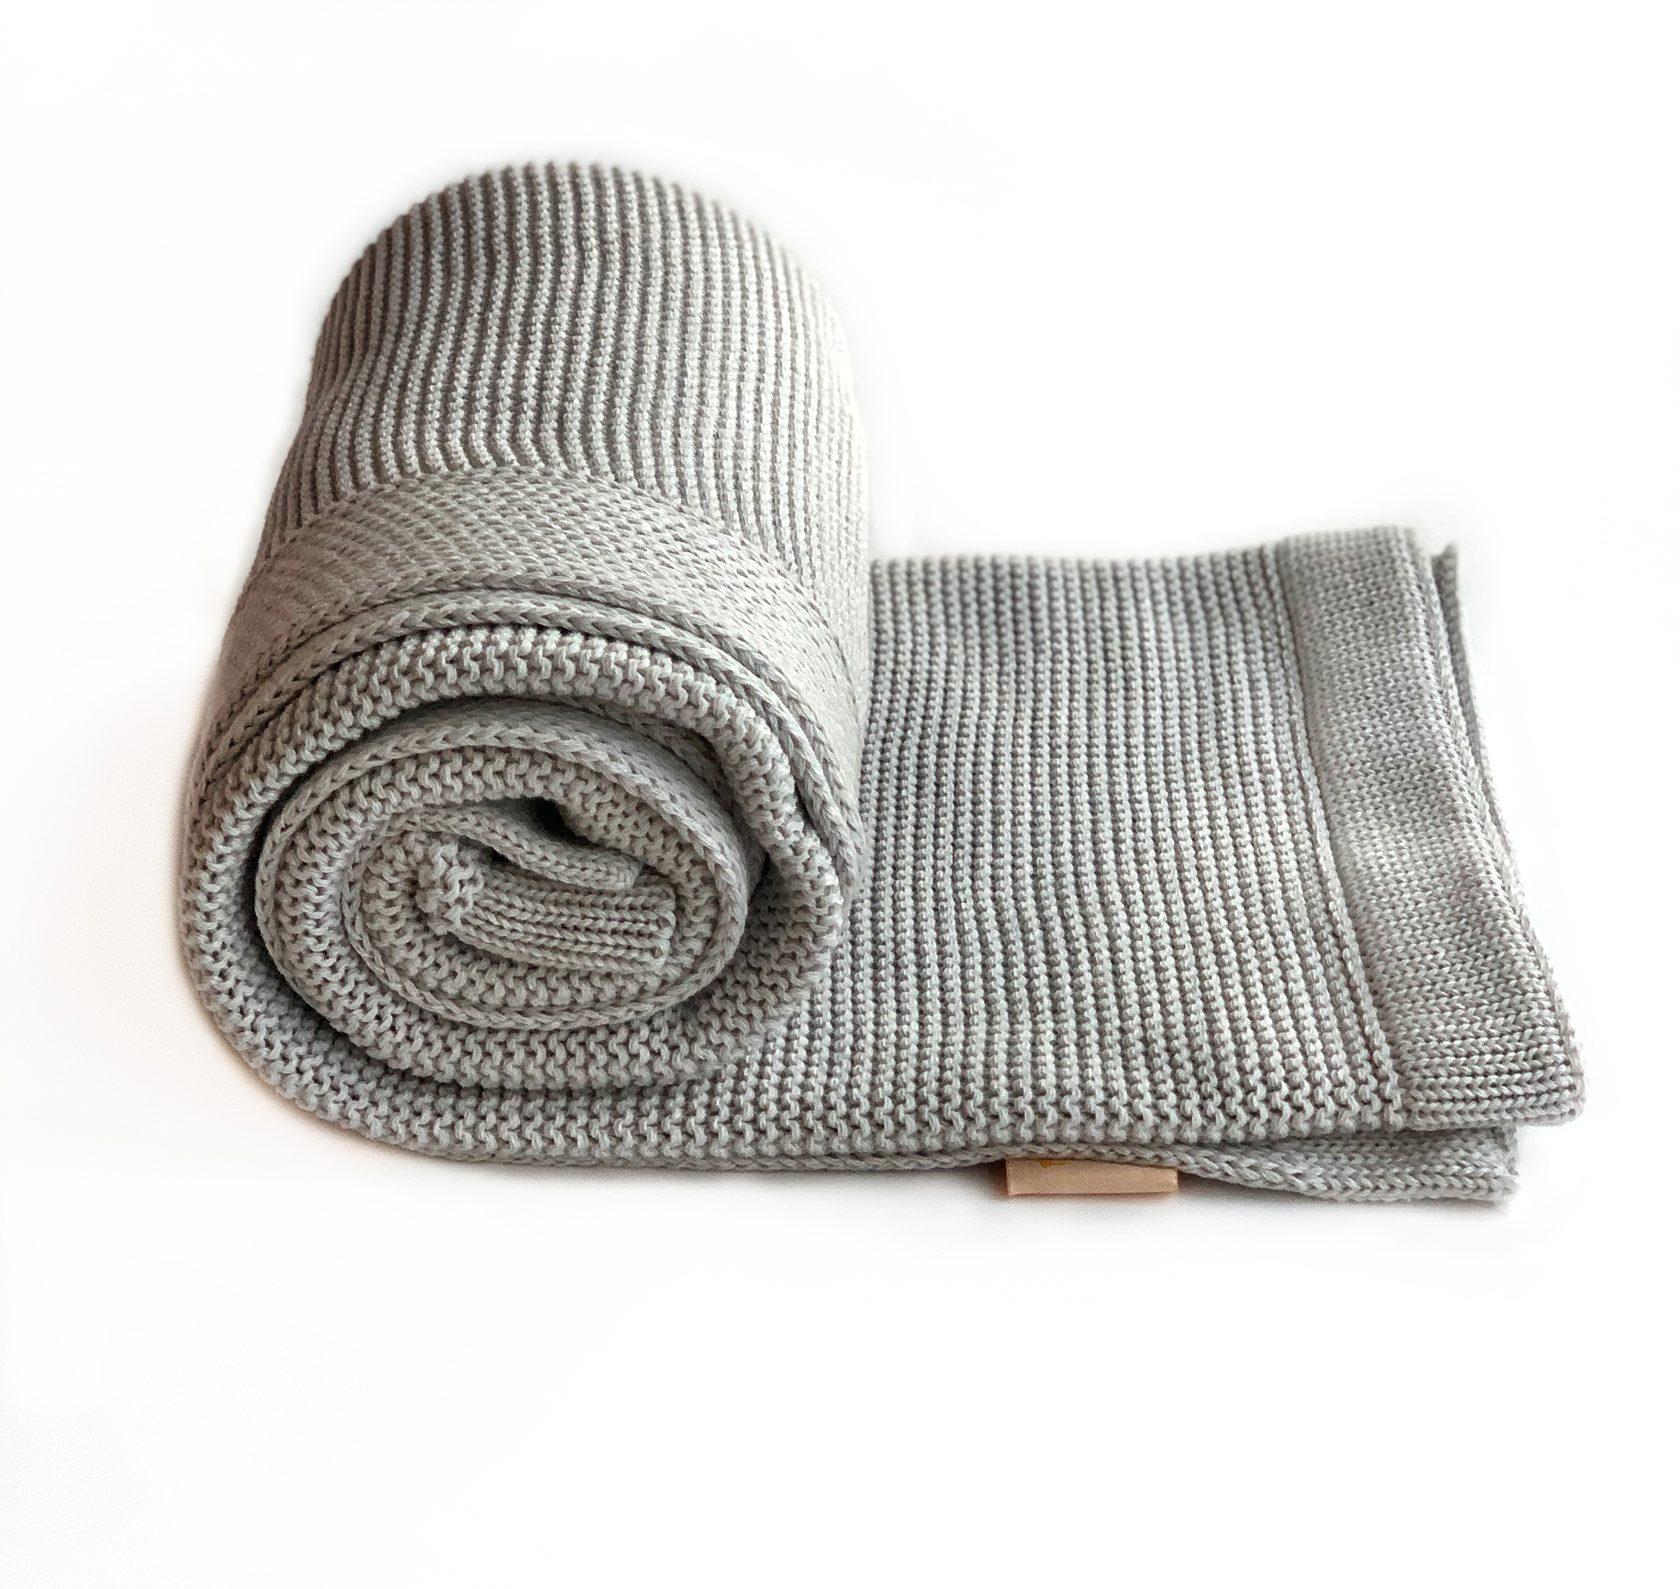 Хлопковый плед Classic светло-серый купить в интернет-магазине toucankids.ru от производителя по низкой цене